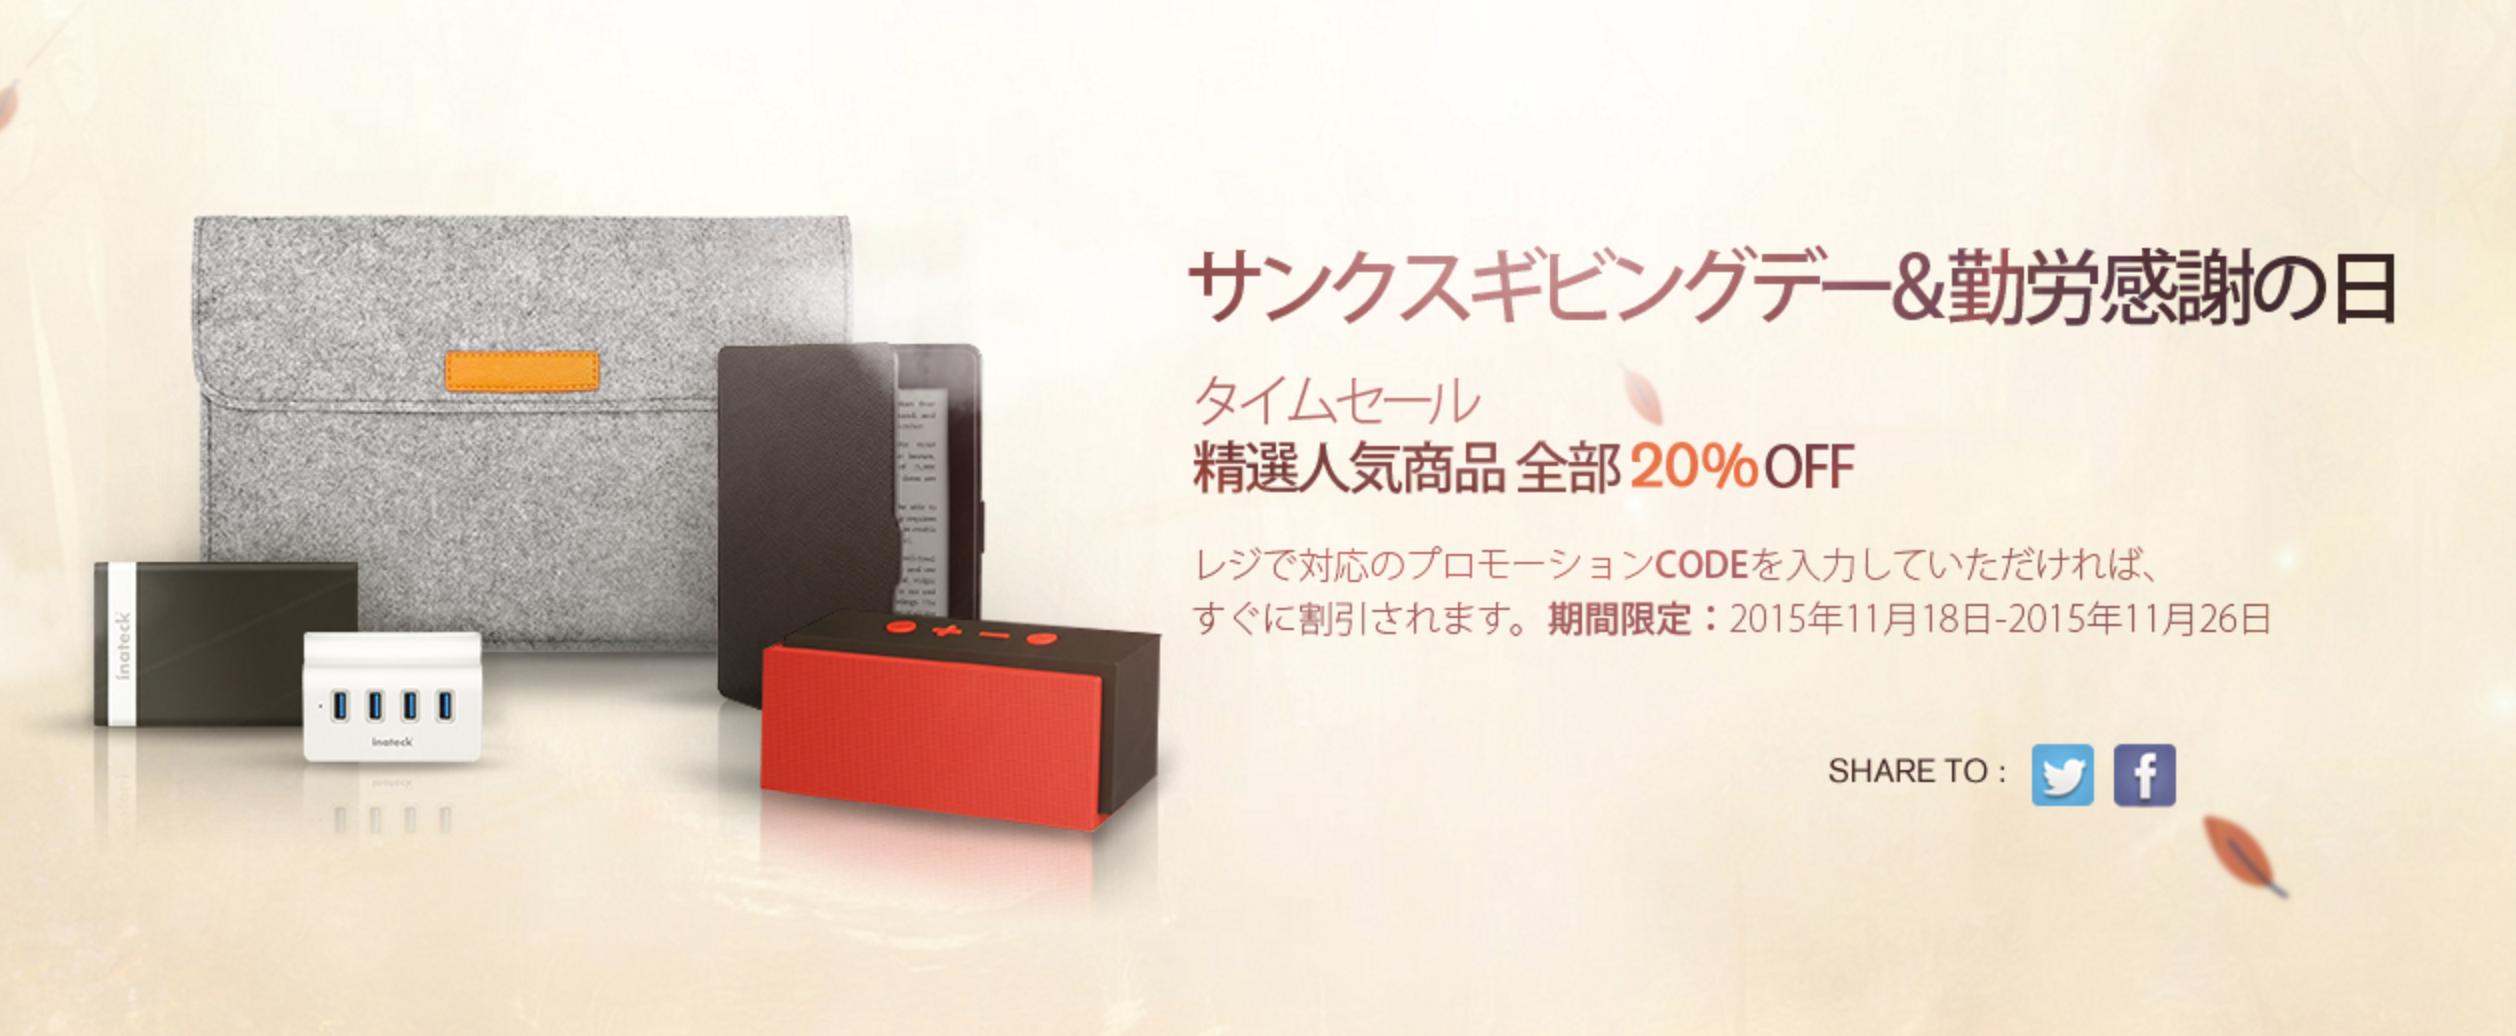 11月25日までの9日間限定キャンペーン。Inateckの人気Bluetoothスピーカーや保護ケースなどが20%OFF